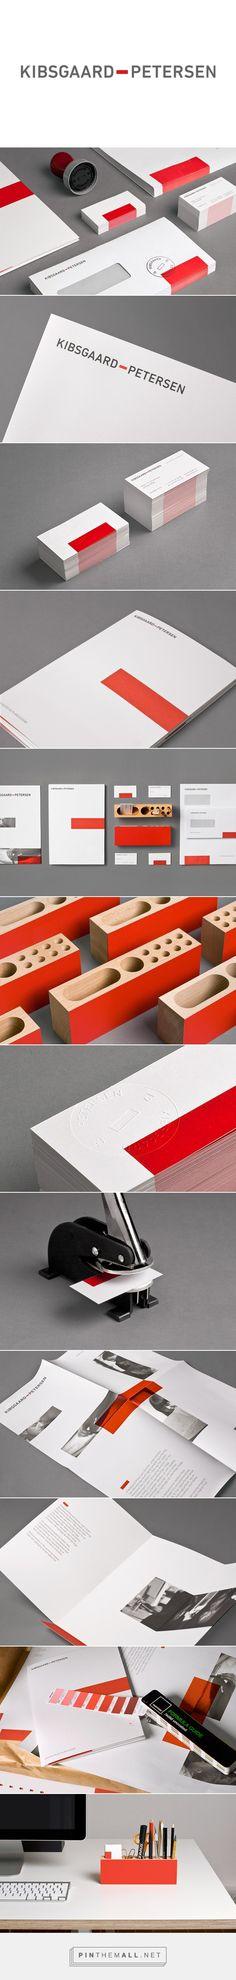 Kibsgaard–Petersen on Behance - created via http://pinthemall.net